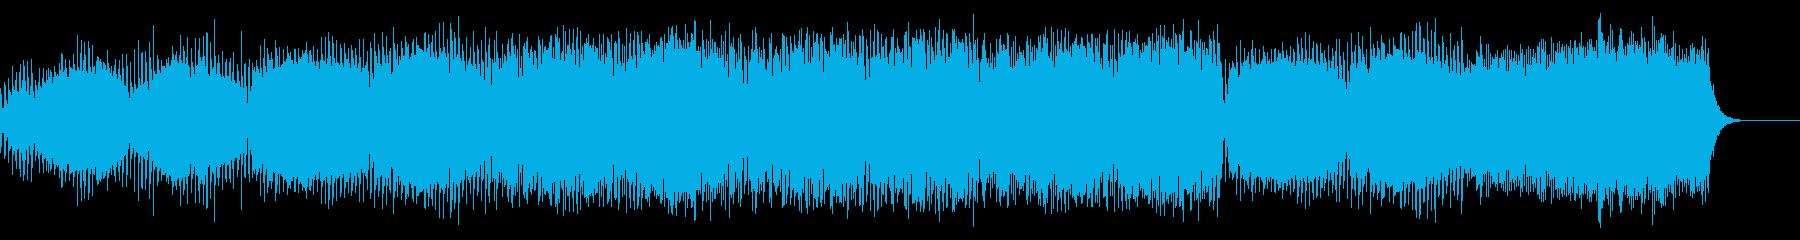 映画のエンドロール的な雰囲気のあるBGMの再生済みの波形